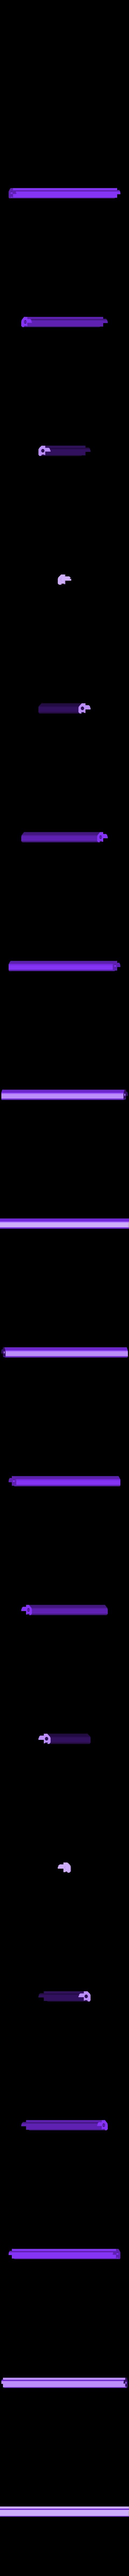 PCB_Docisk.stl Télécharger fichier STL gratuit Porte-cartes • Plan pour imprimante 3D, kpawel